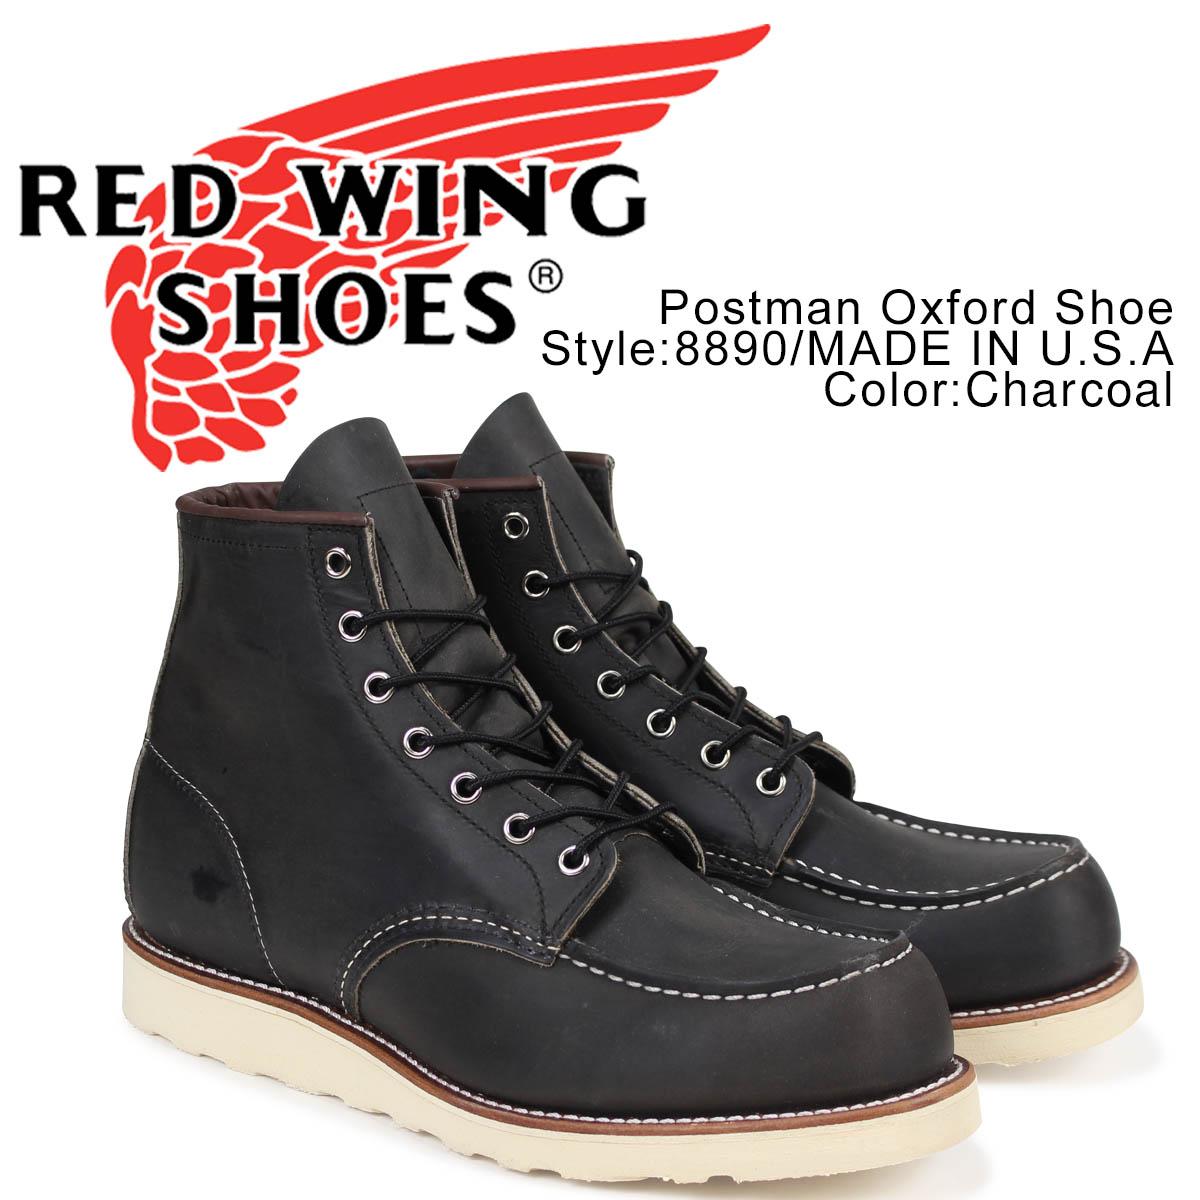 レッドウィング RED WING ブーツ アイリッシュセッター 6インチ クラシック モック メンズ 6INCH CLASSIC MOC Dワイズ チャコール 8890